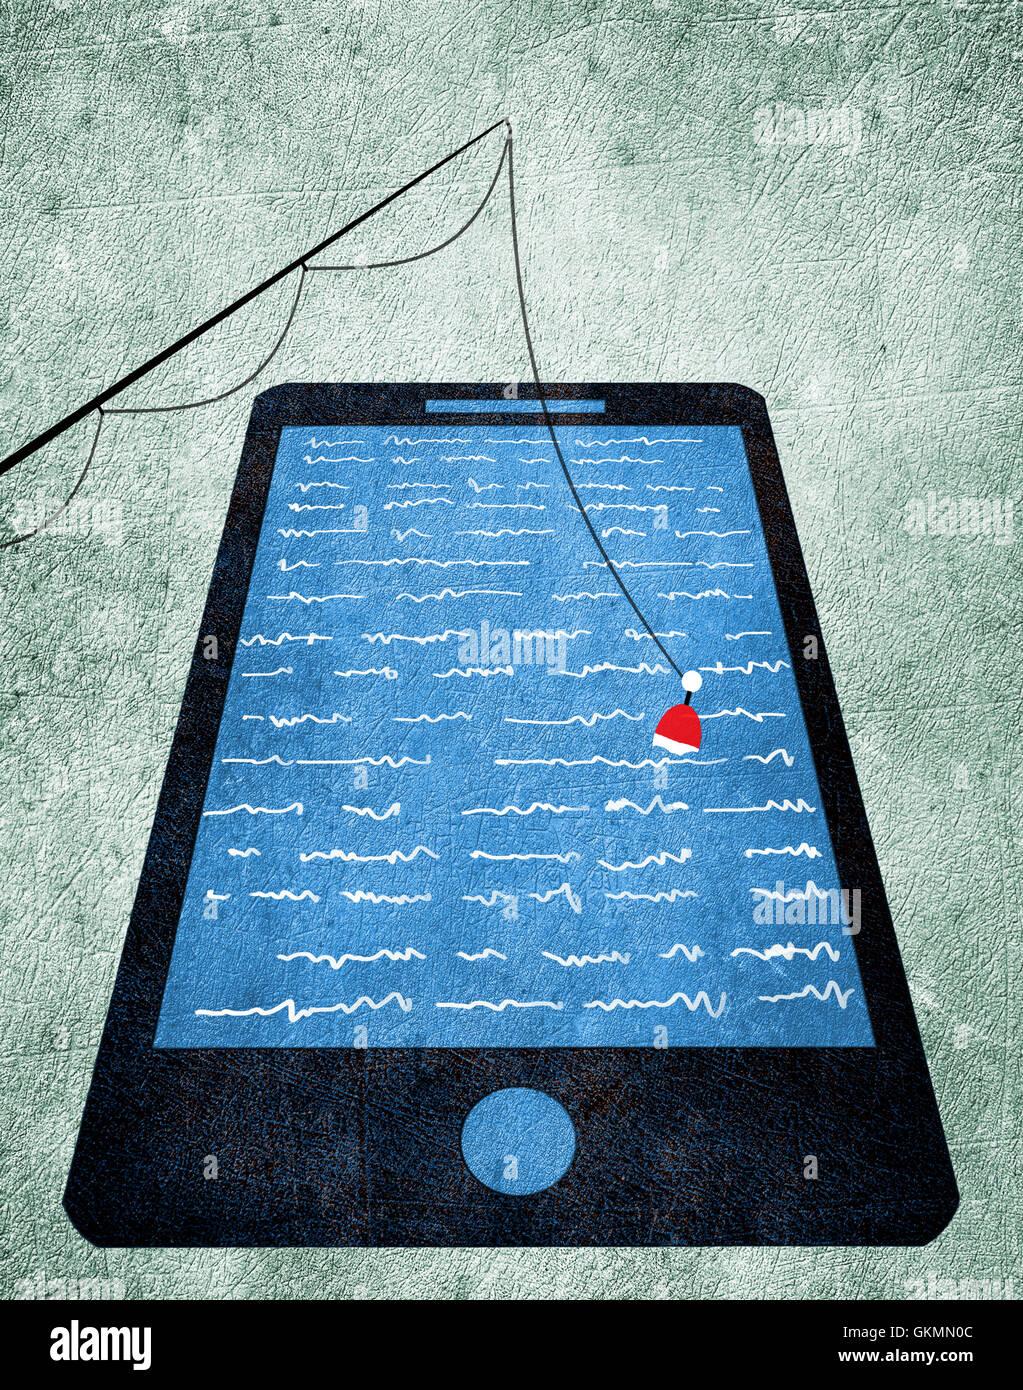 Pesca polo e smart-phone illustrazione digitale Immagini Stock